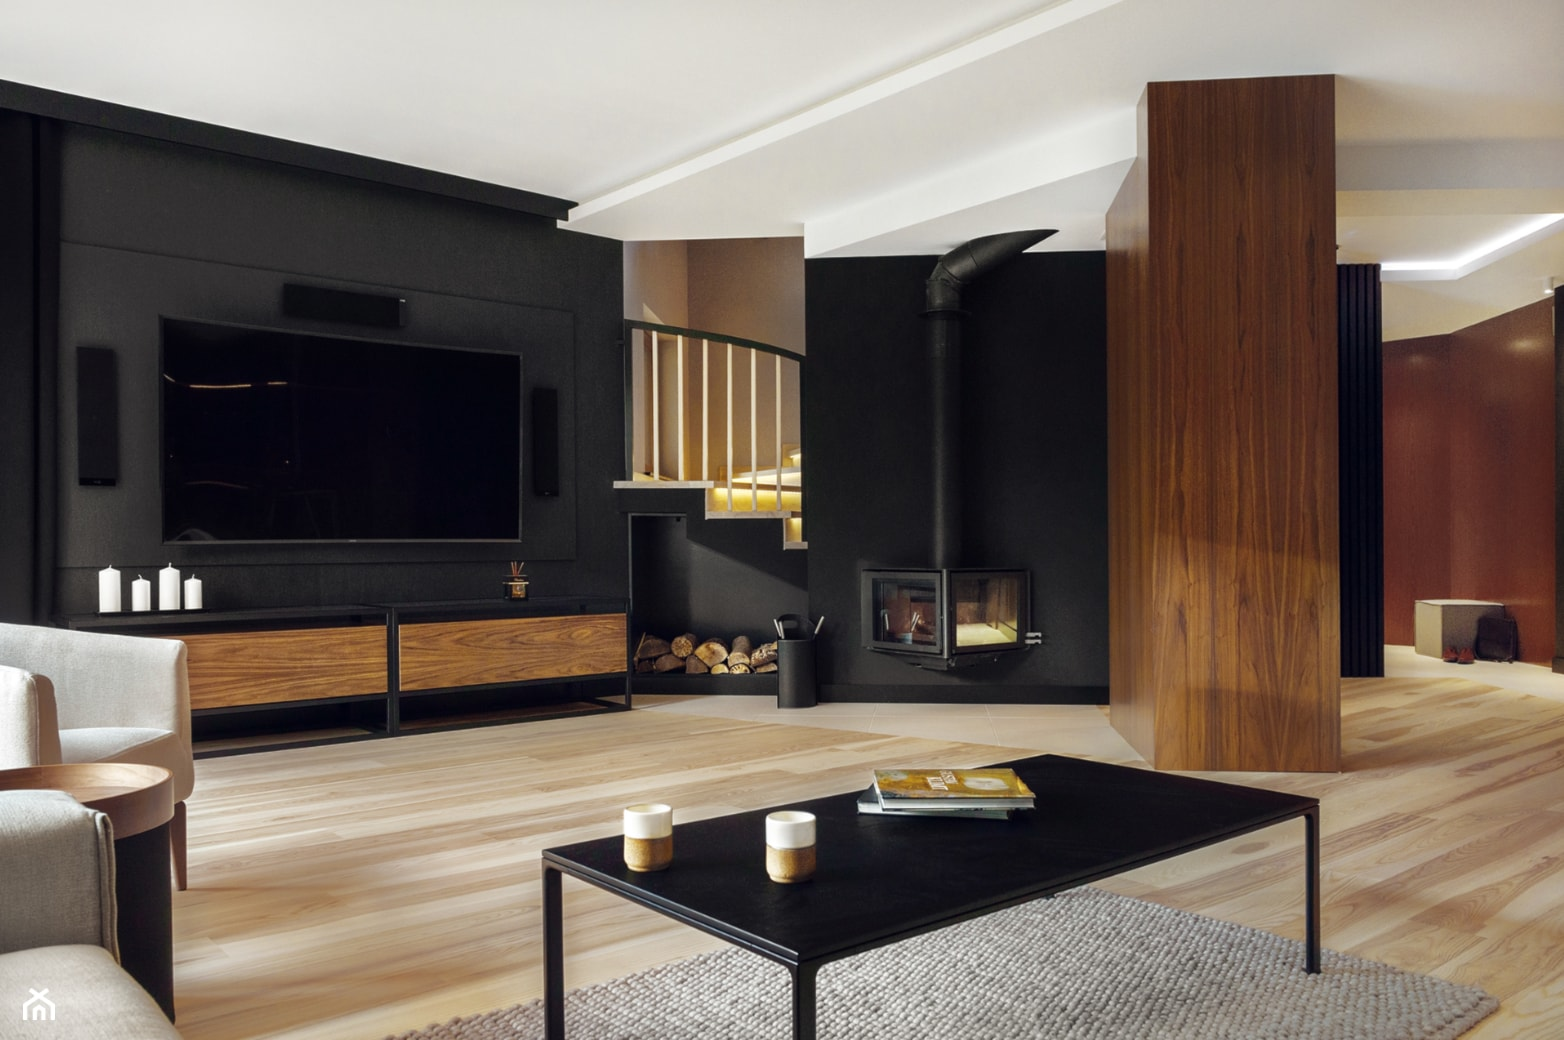 Dom IV - Duży czarny salon, styl nowoczesny - zdjęcie od SIKORA WNĘTRZA - Homebook